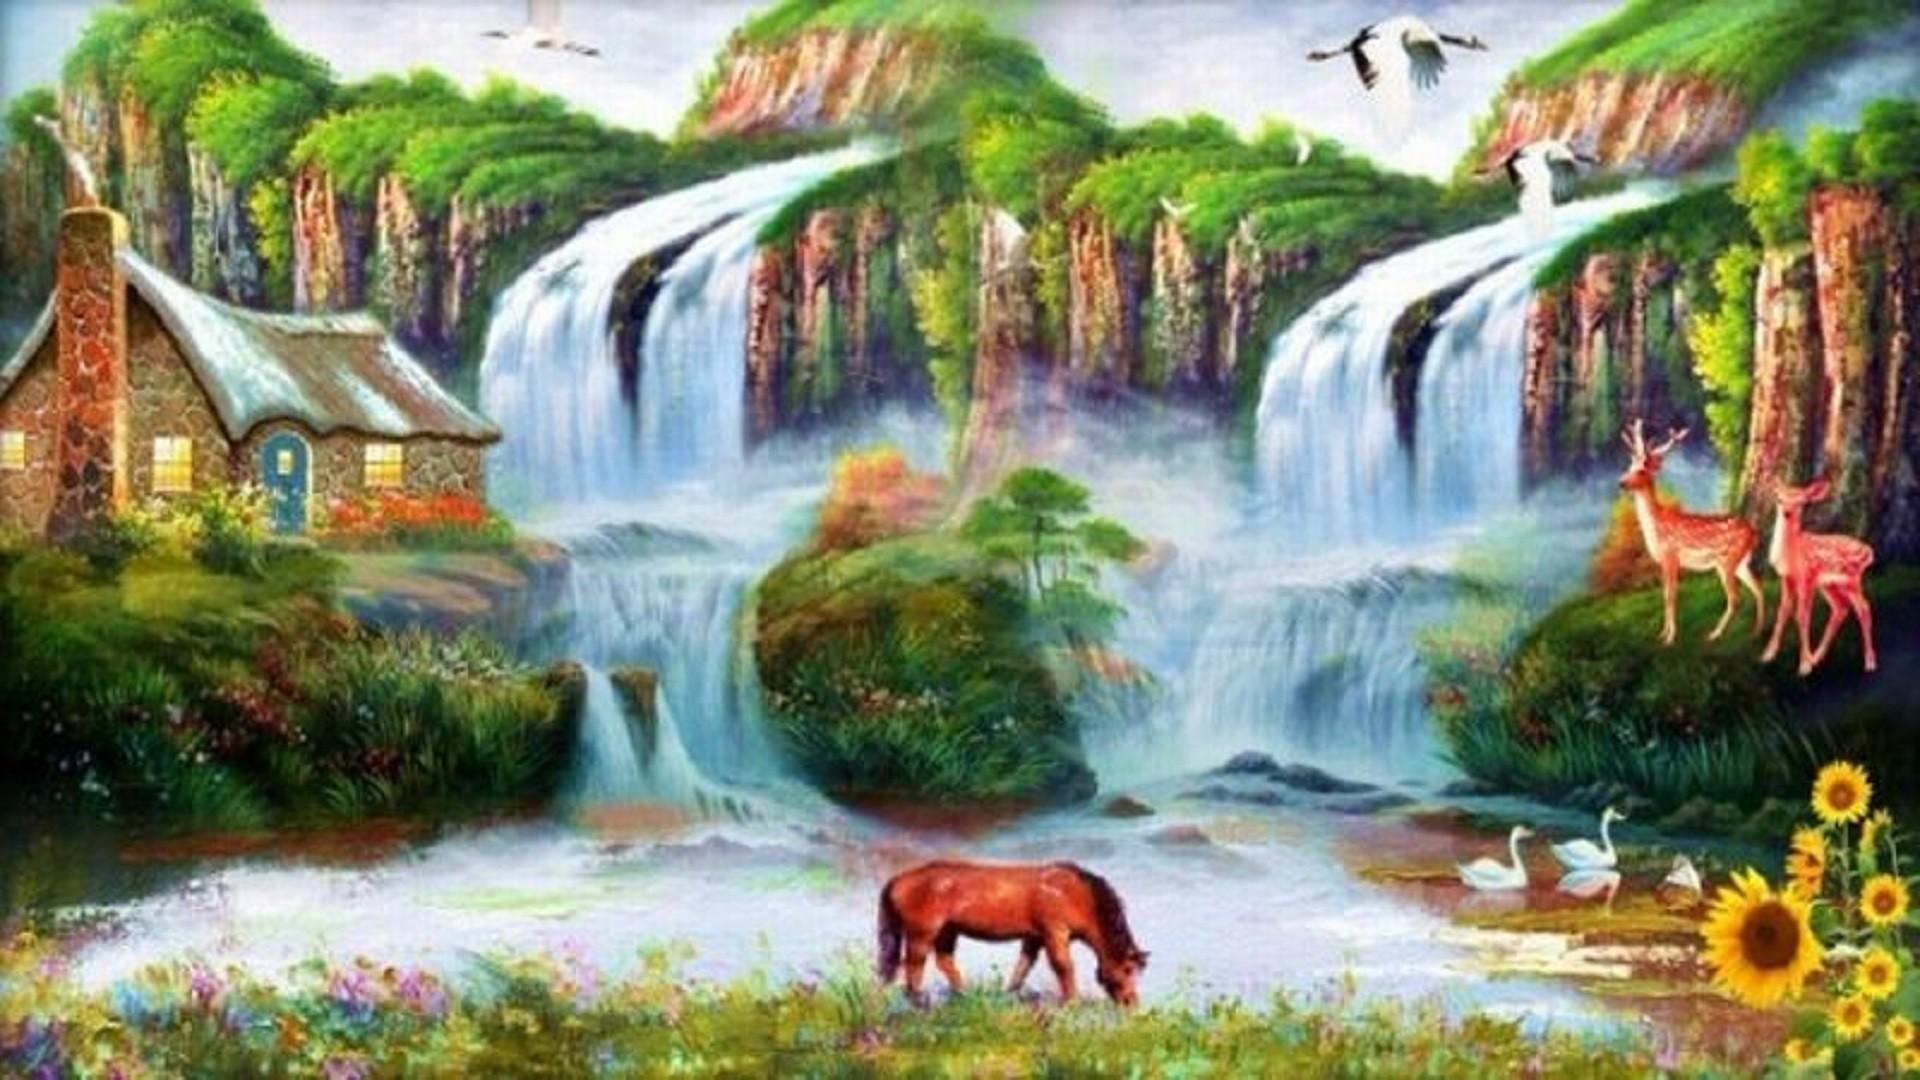 Water Scene Wallpaper Nature scenes Wallpaper and Beautiful